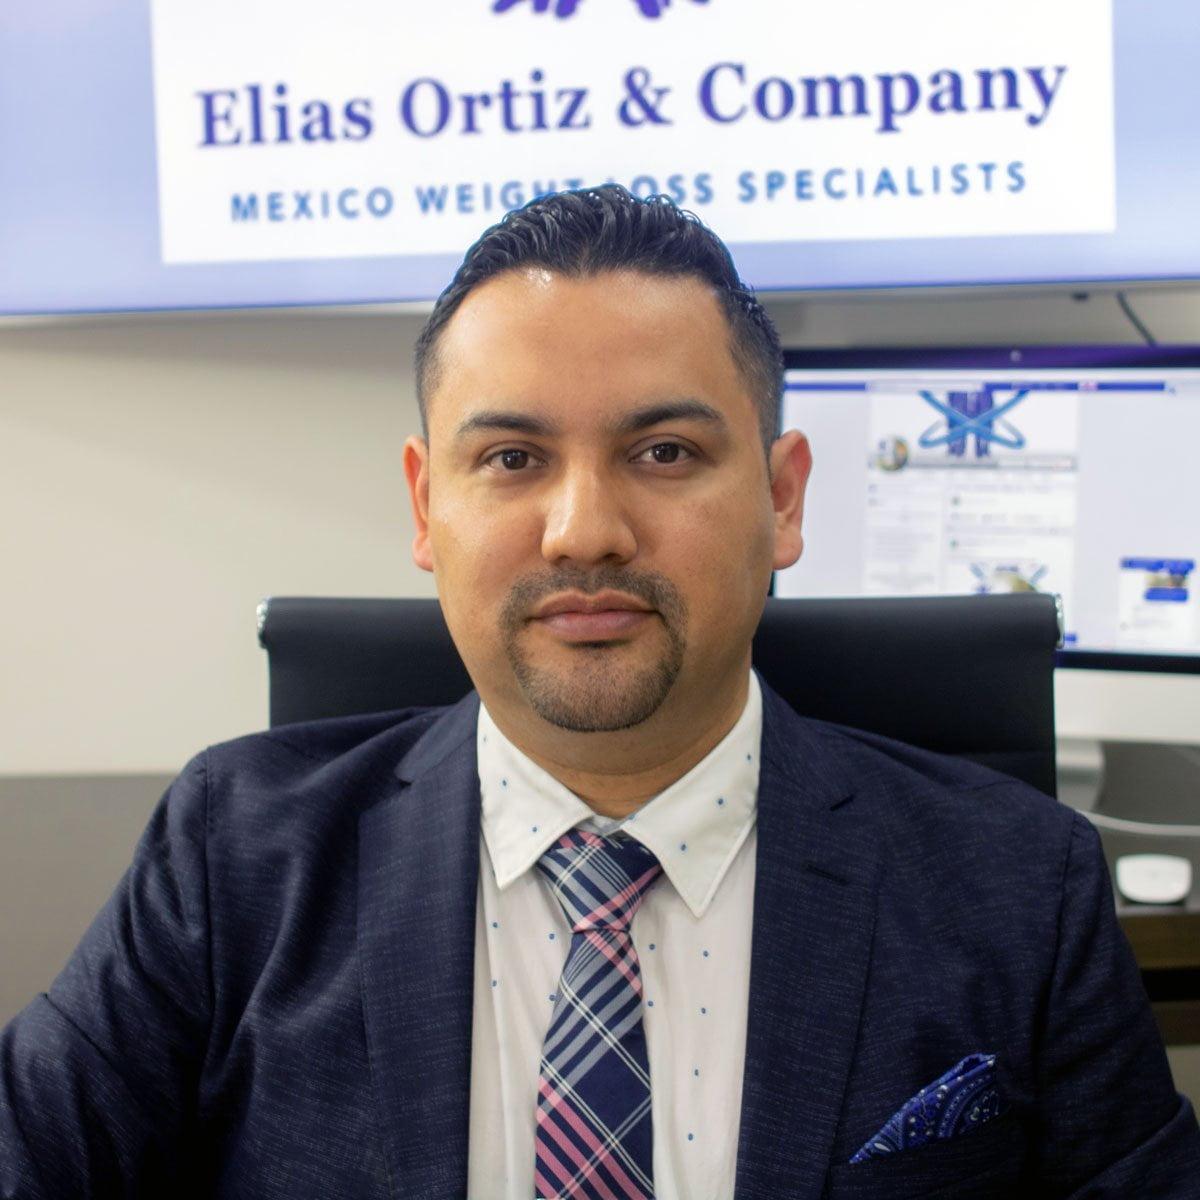 Dr. Elias Ortiz Reaches 10,000 Bariatric Surgeries Milestone